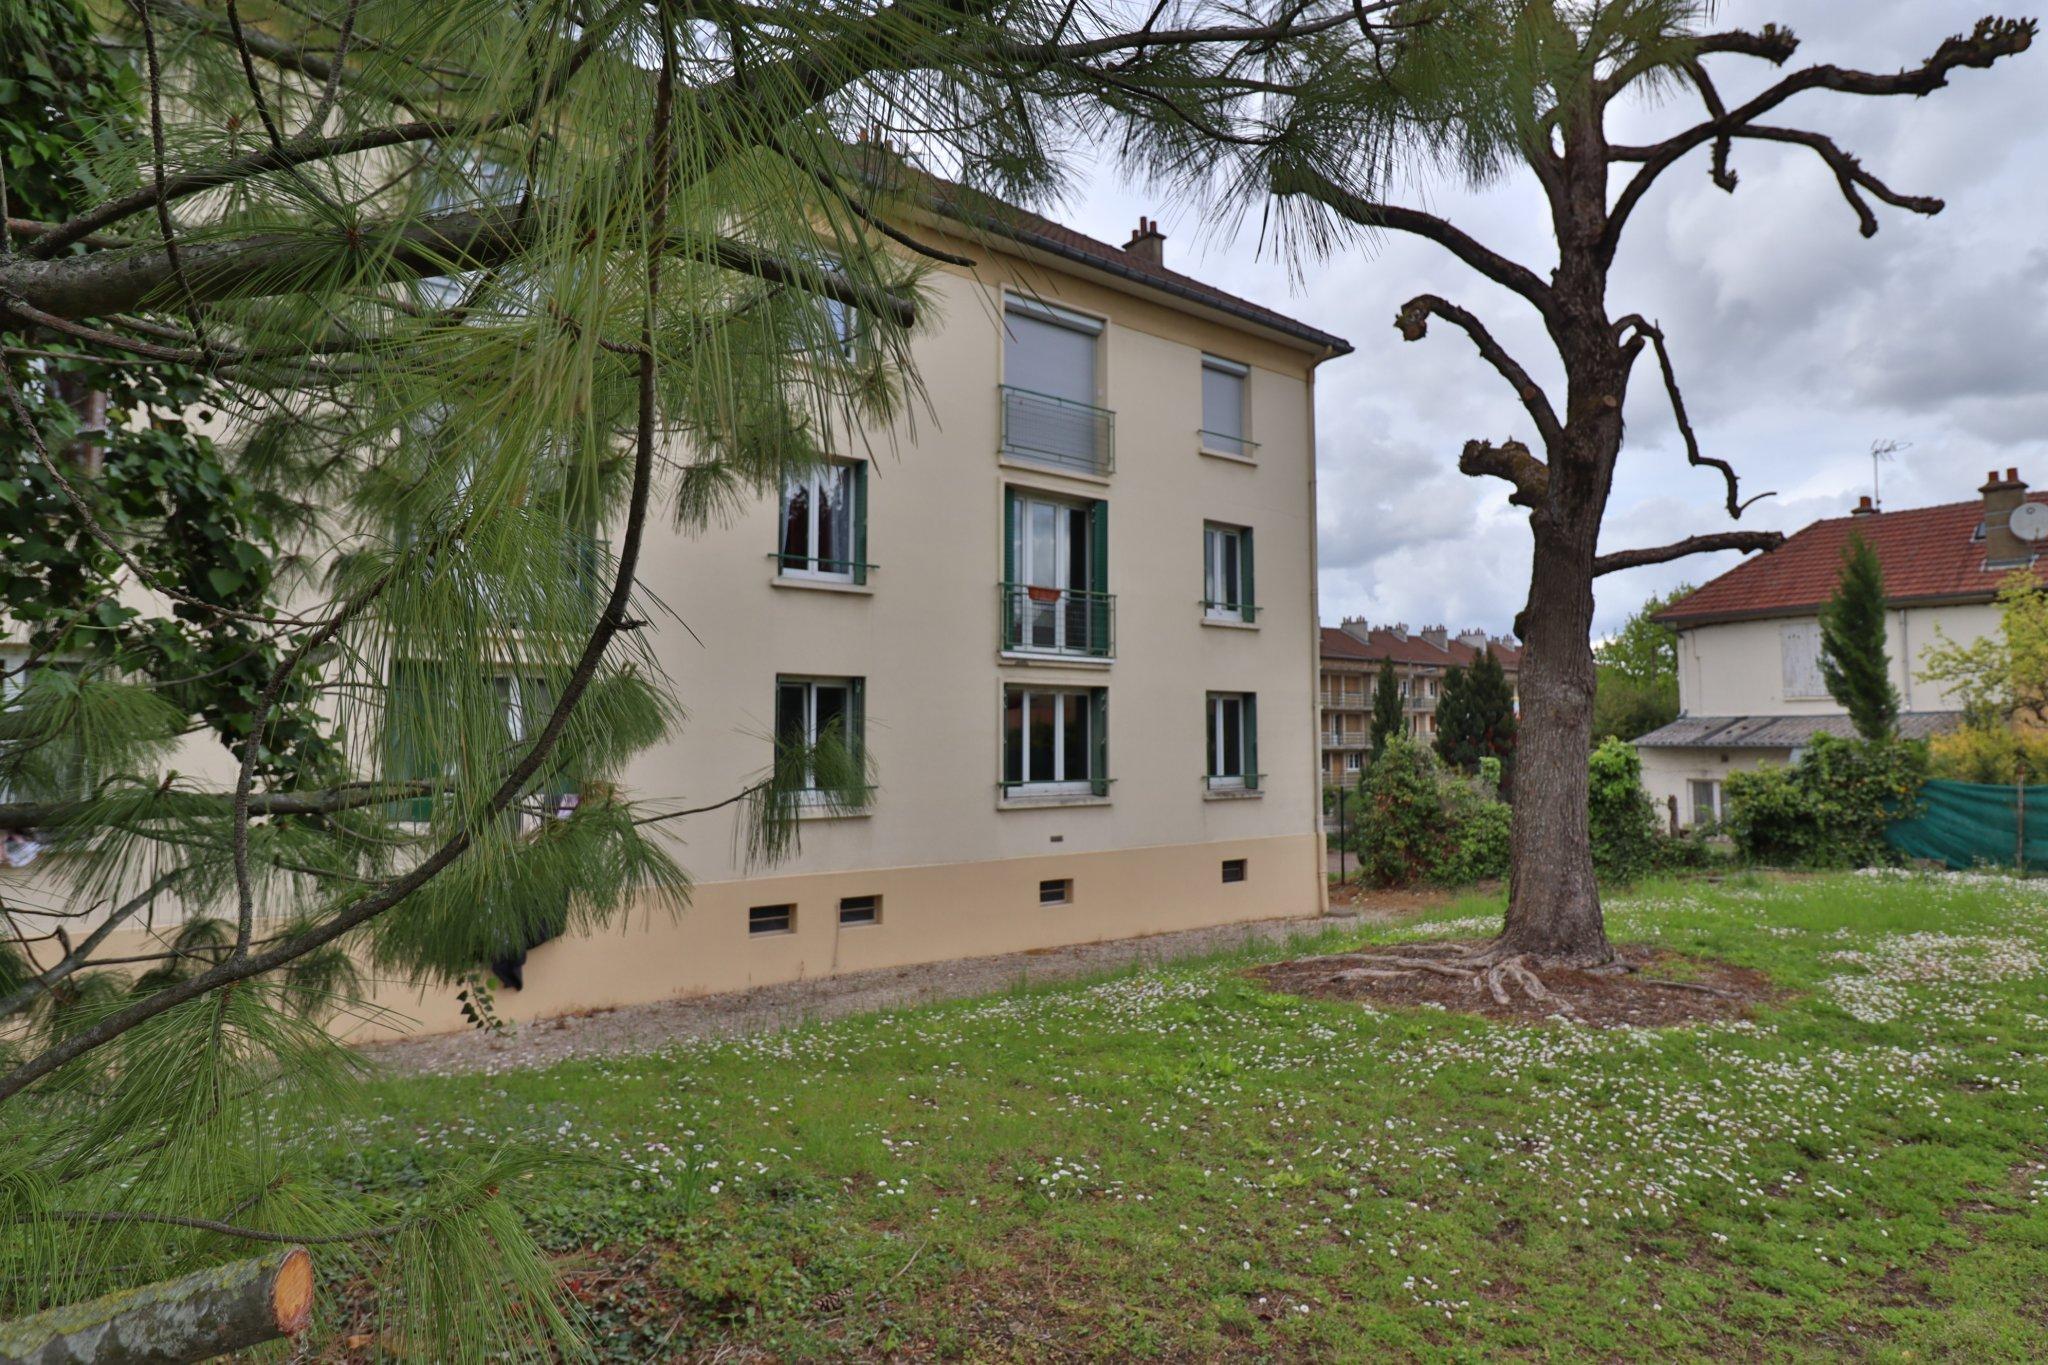 Damonte Achat appartement - Réf n° 1_19185